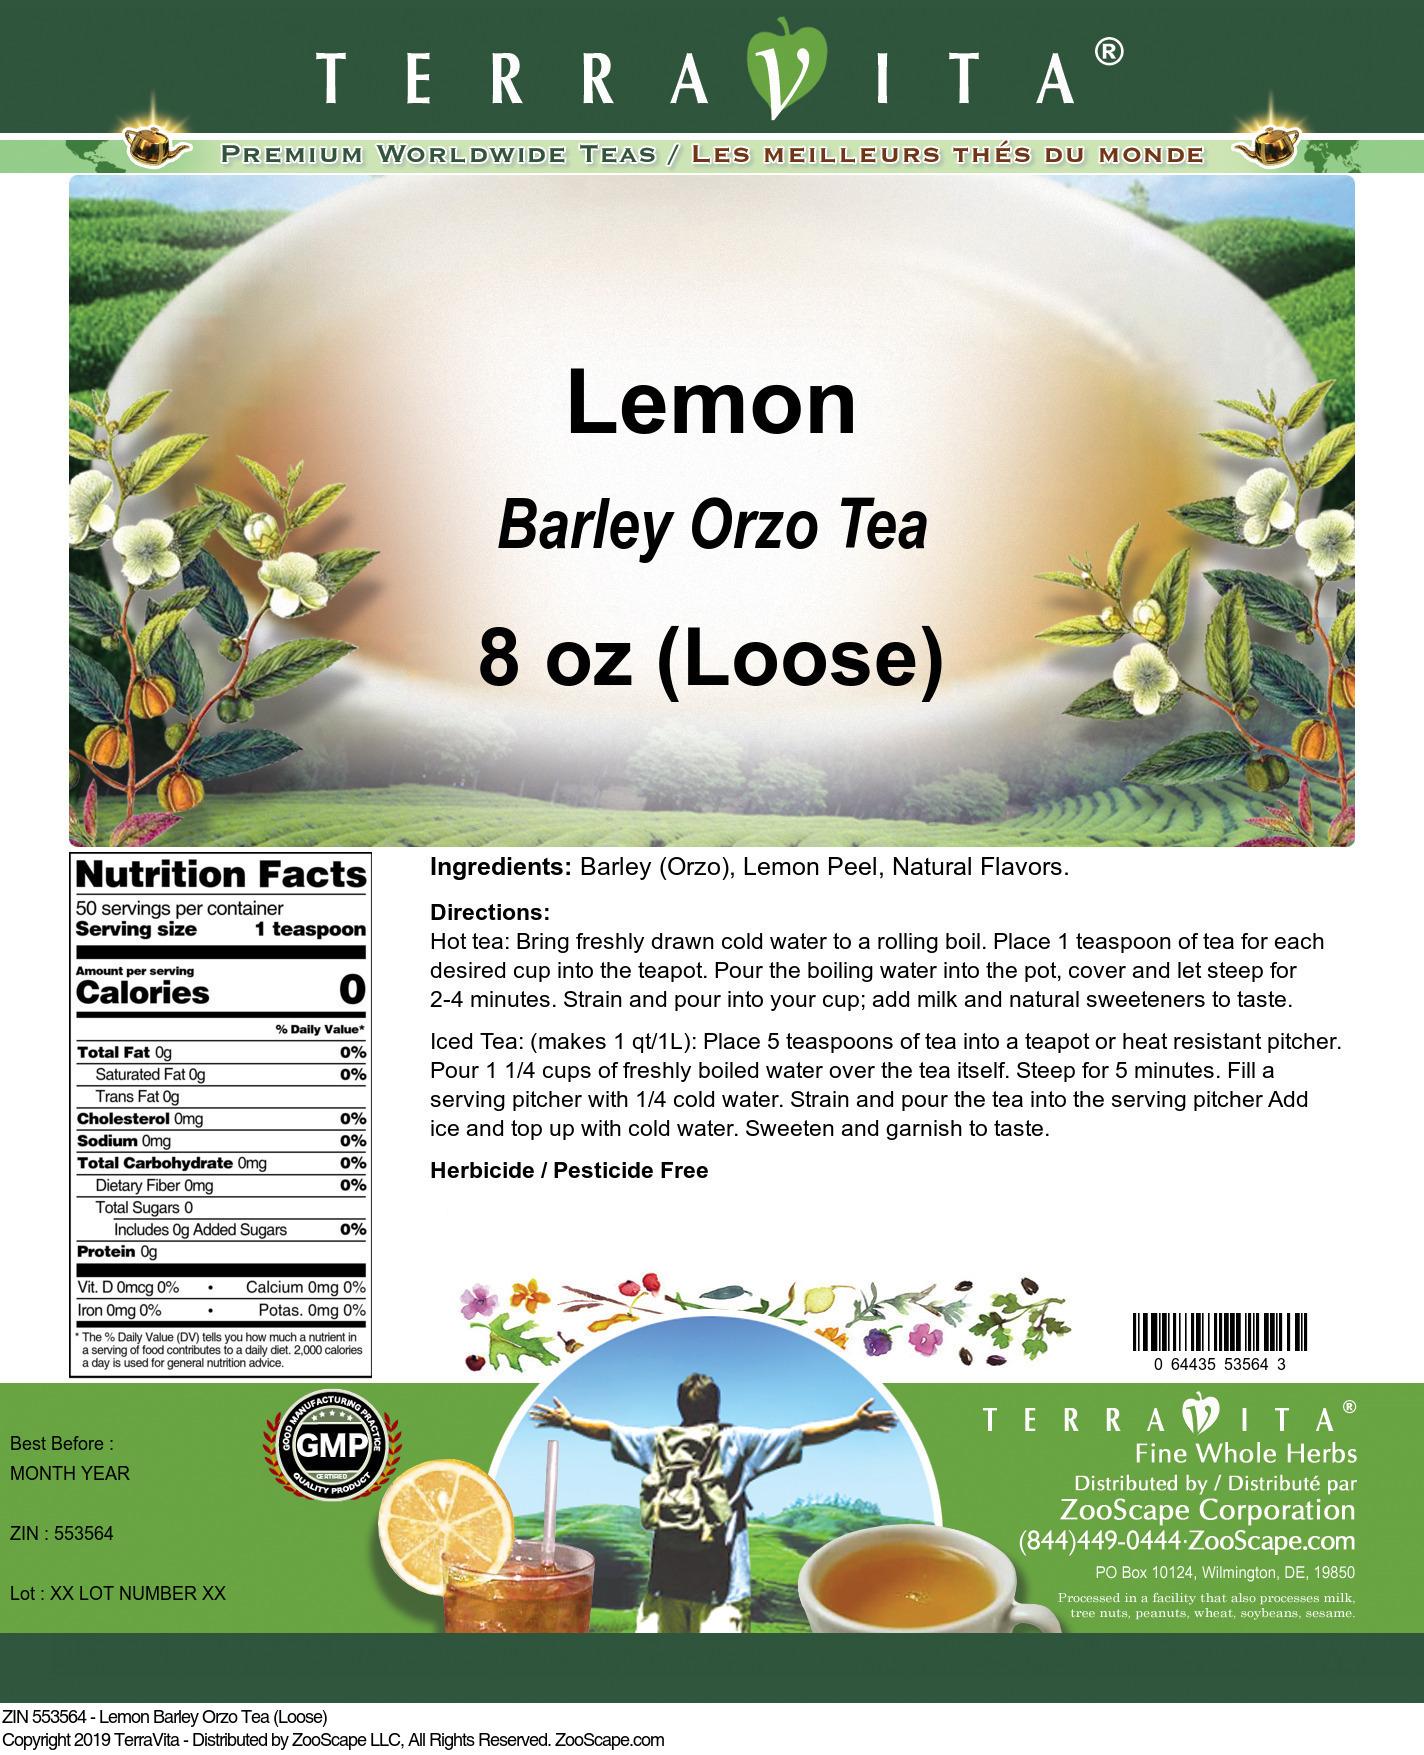 Lemon Barley Orzo Tea (Loose)